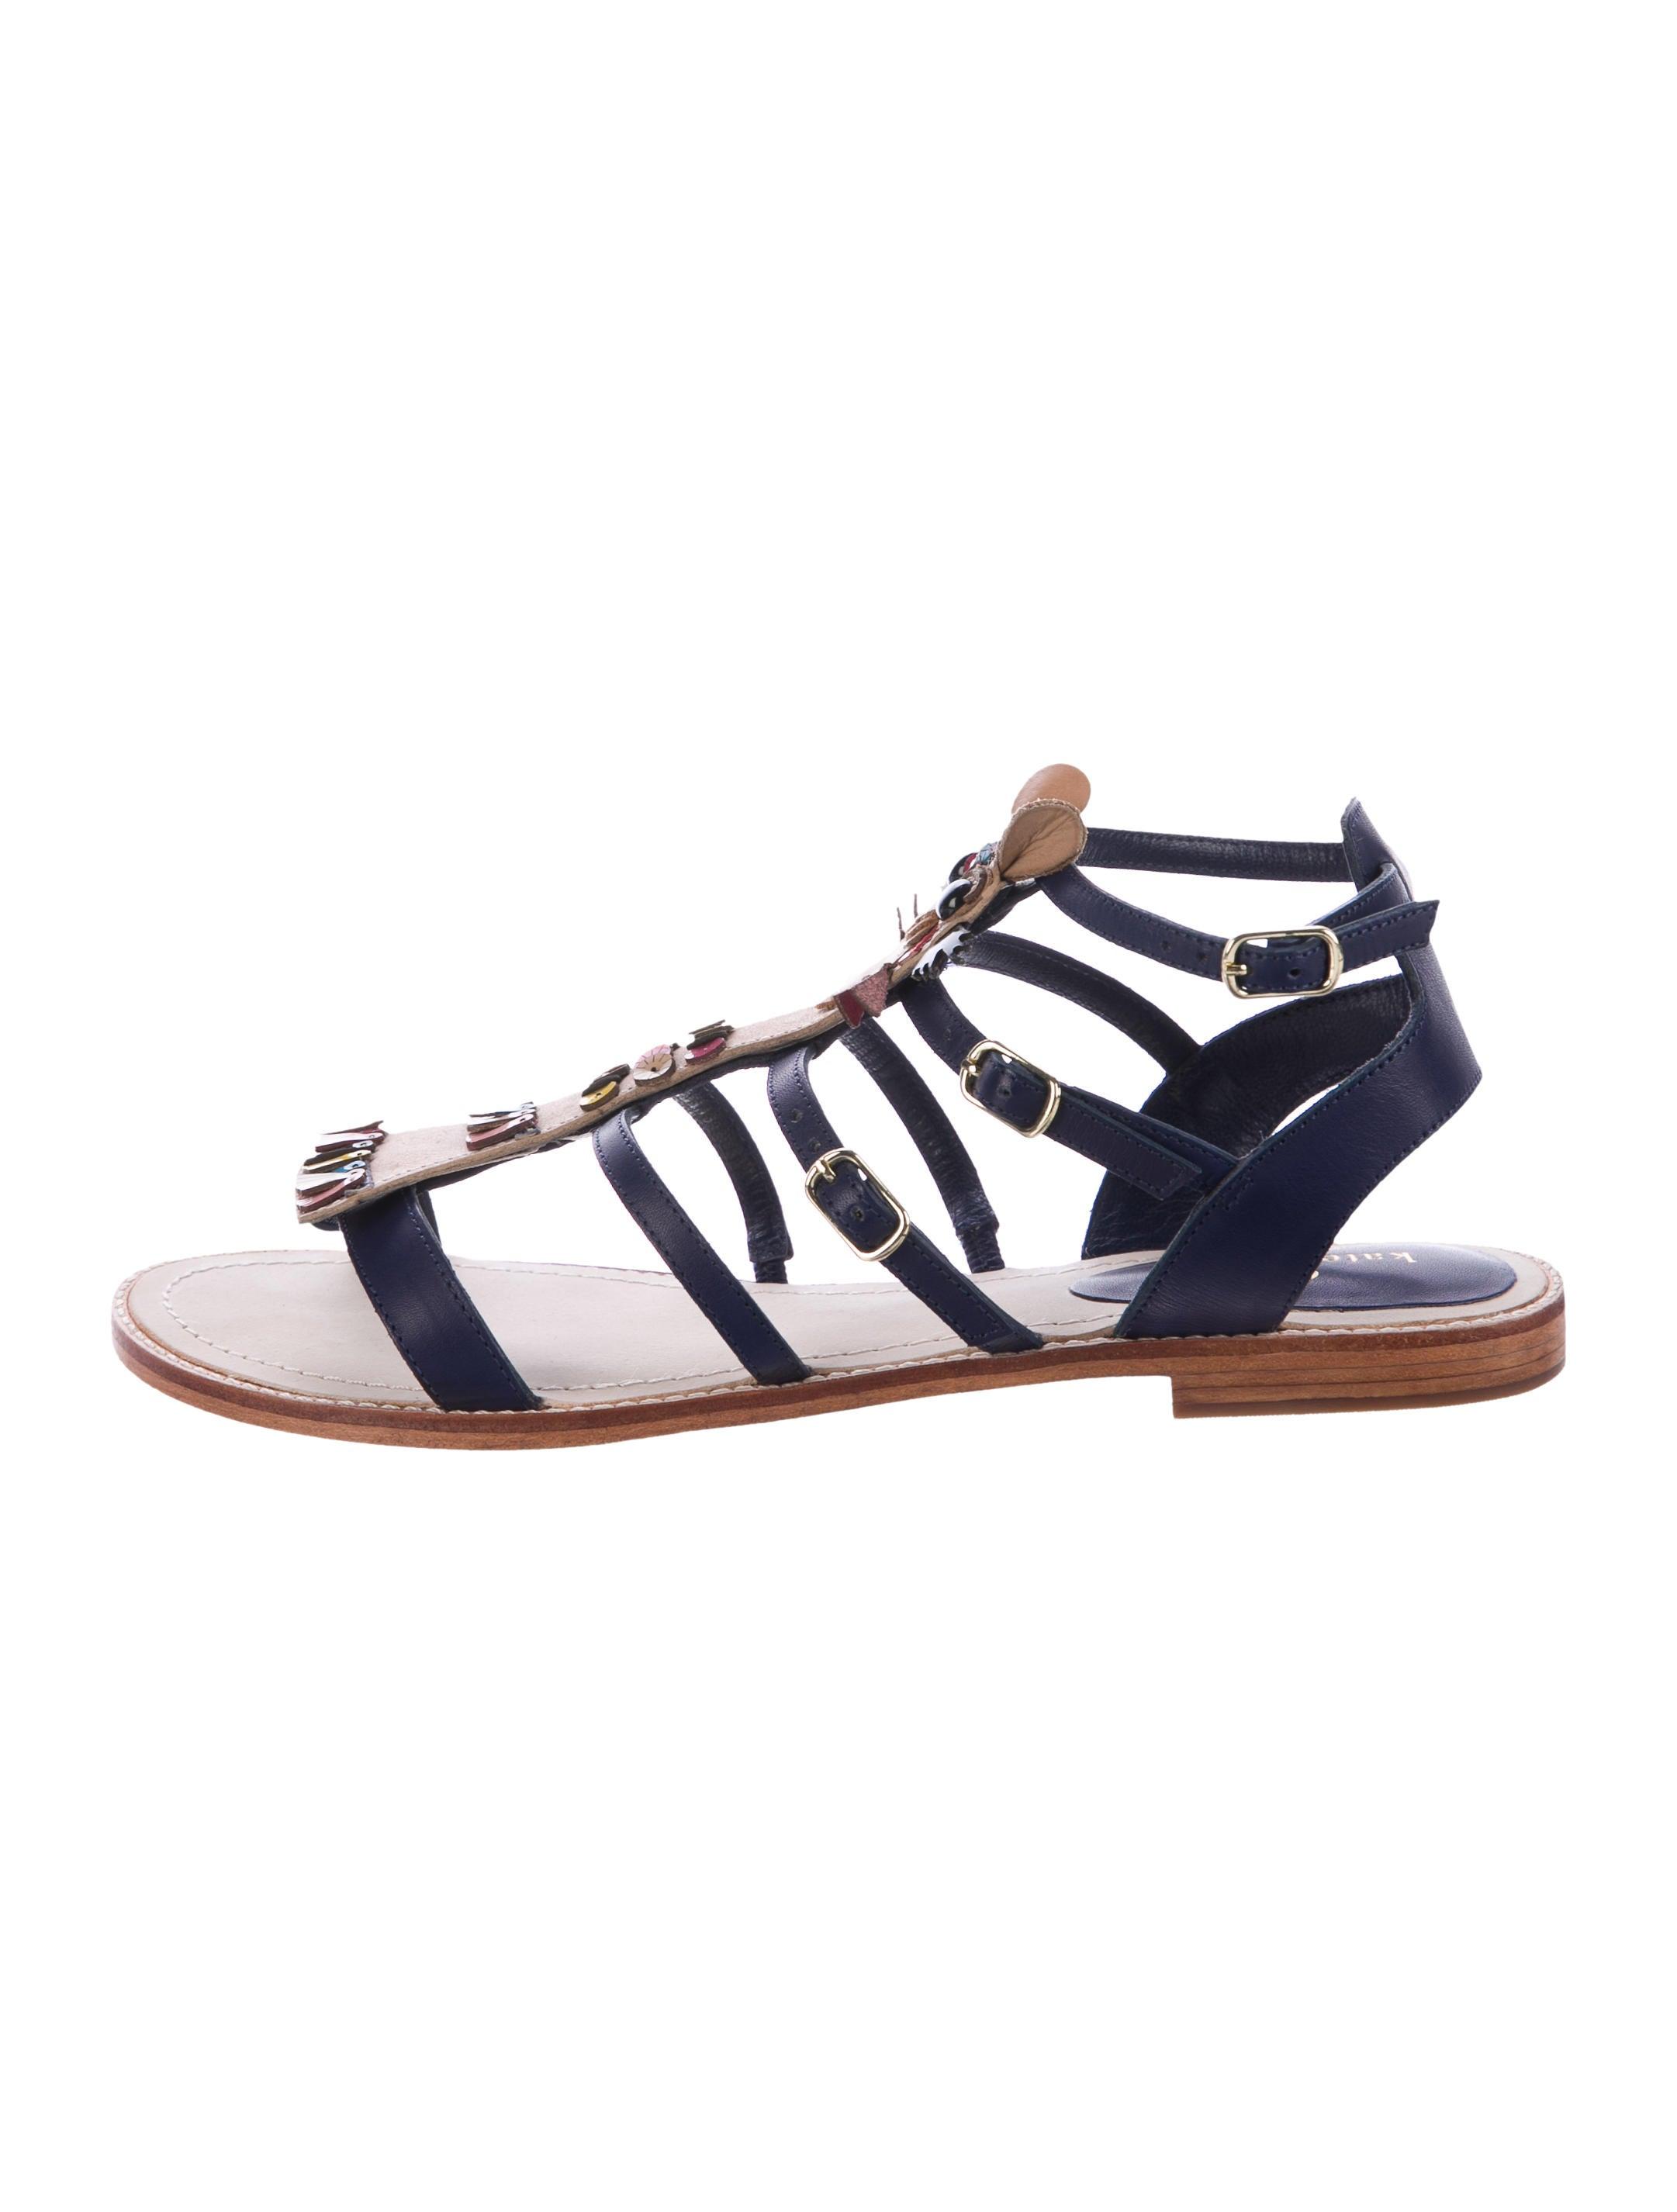 06db0f9c9ca45 Kate Spade New York 2017 Sahara Sandals - Shoes - WKA68159